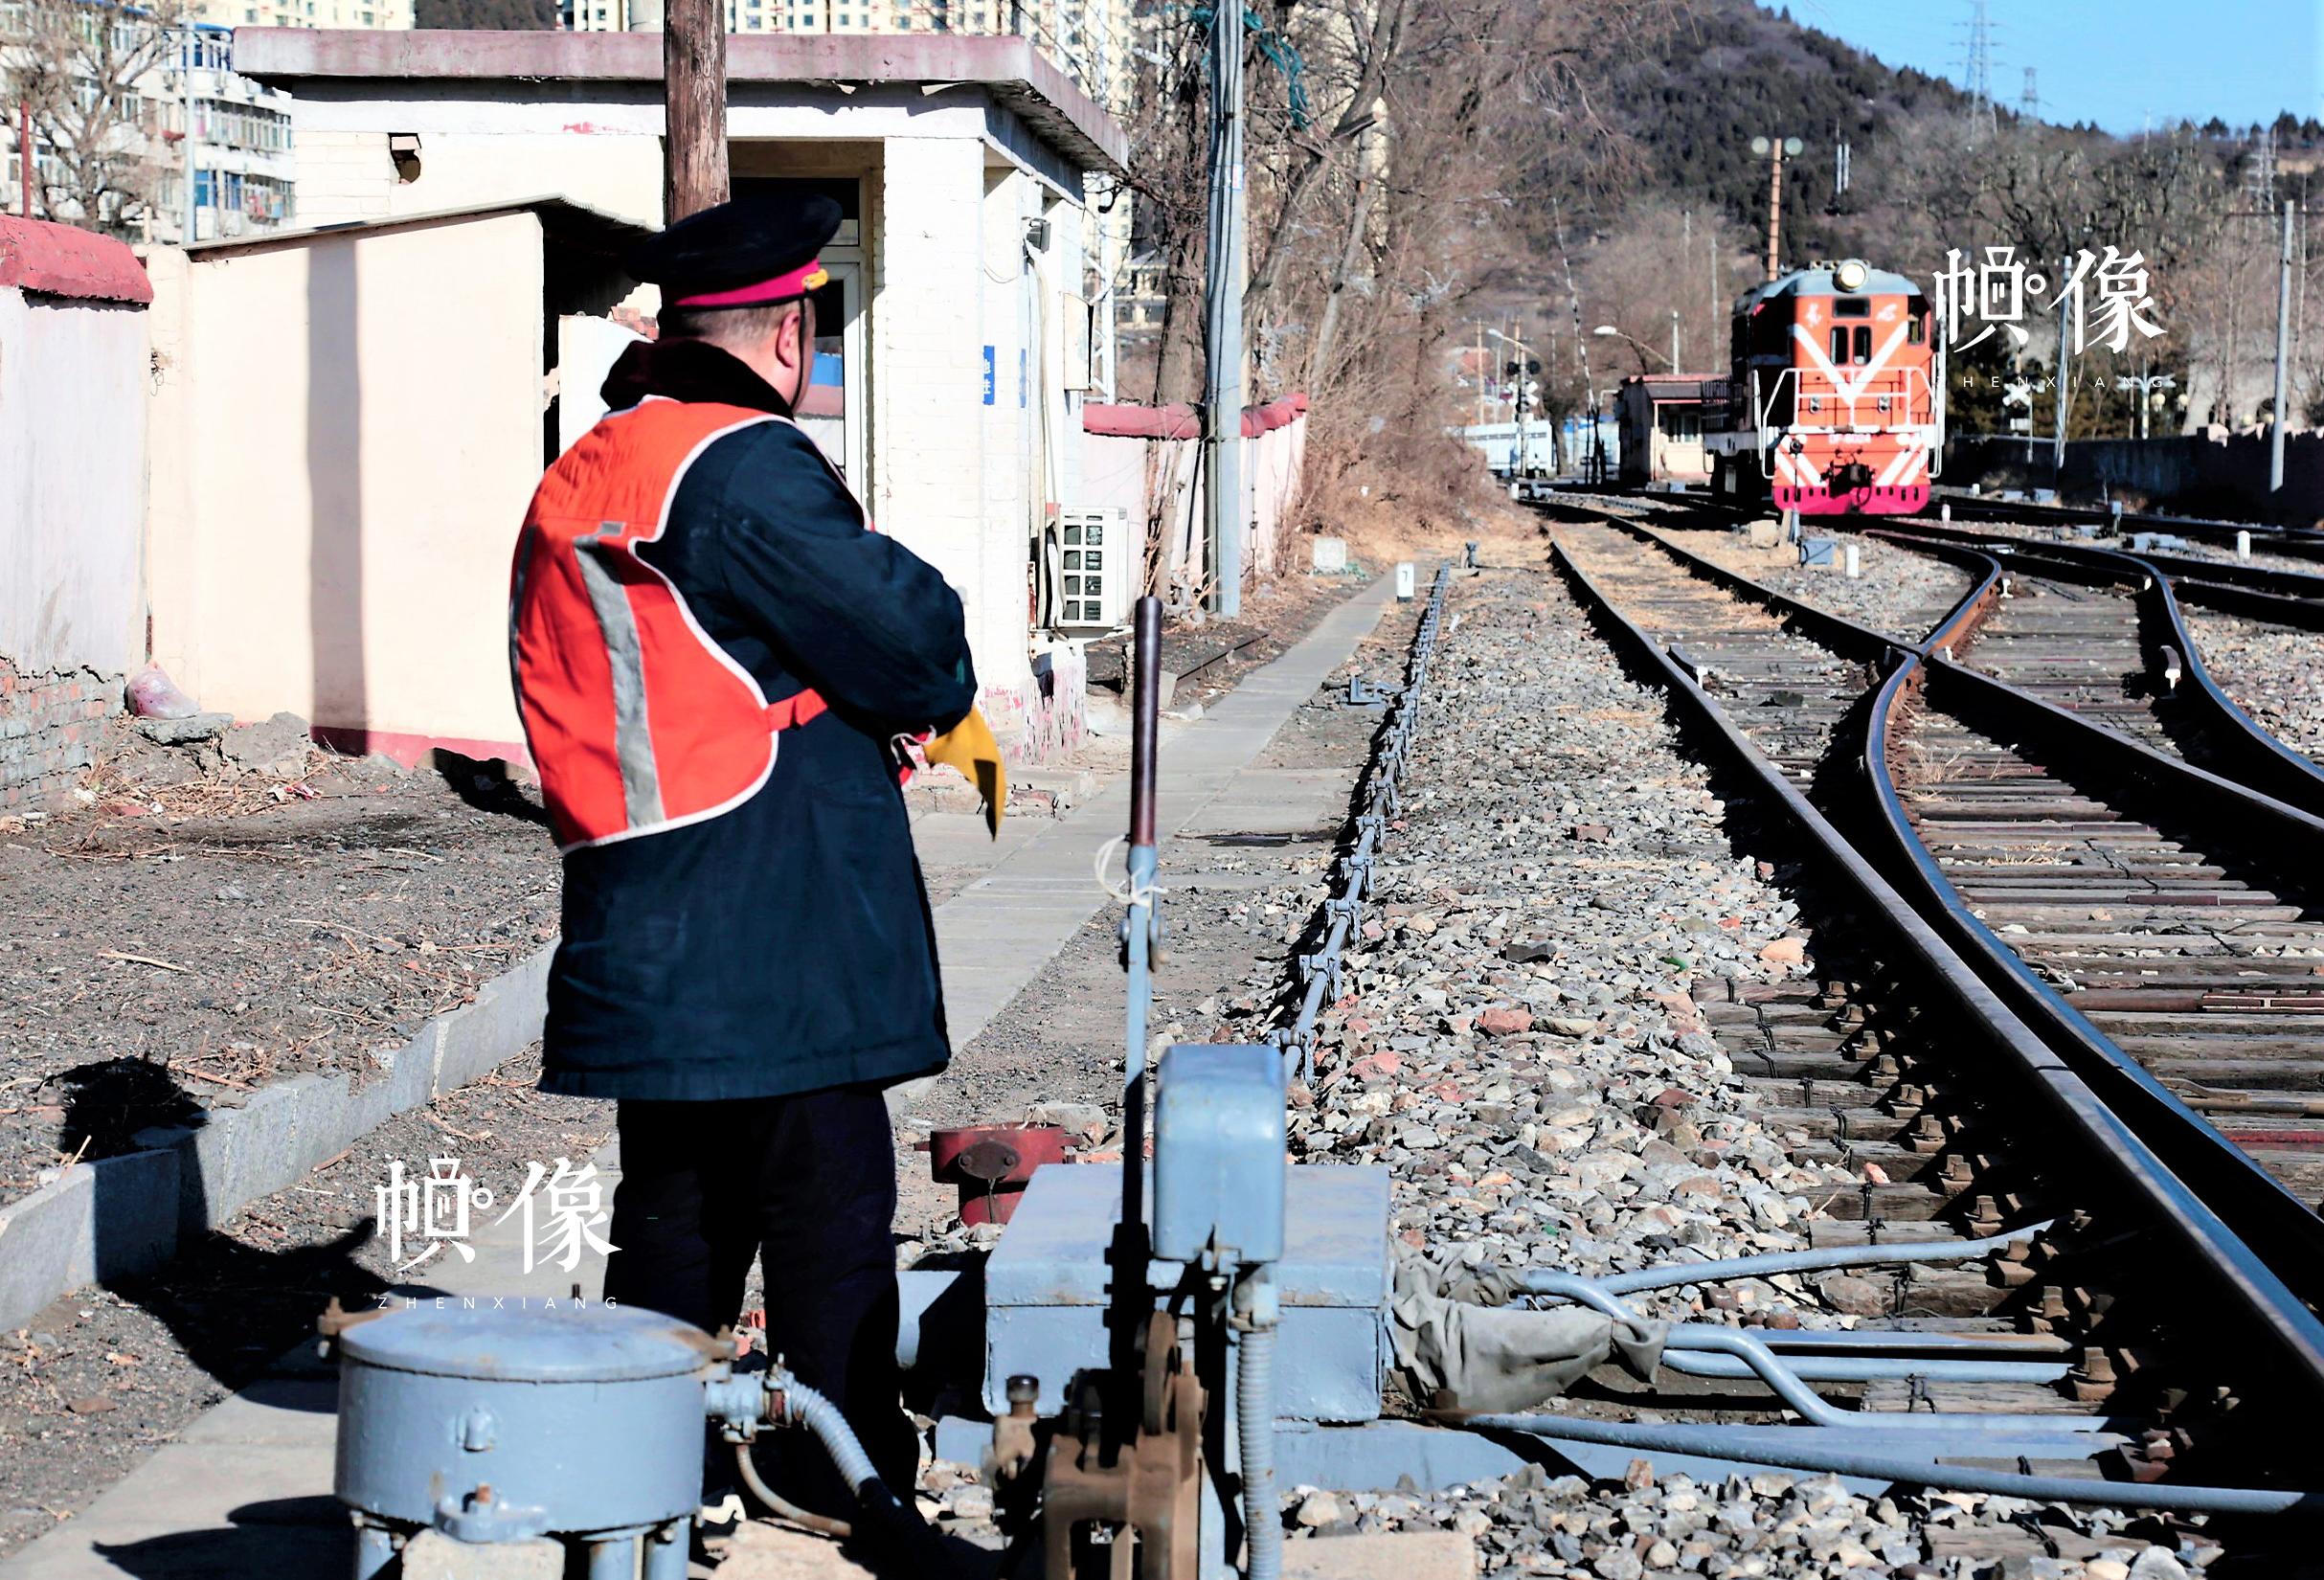 图为铁路扳道员刚刚完成一次铁路扳道工作,等待列车进站。中国网记者 仝选 摄